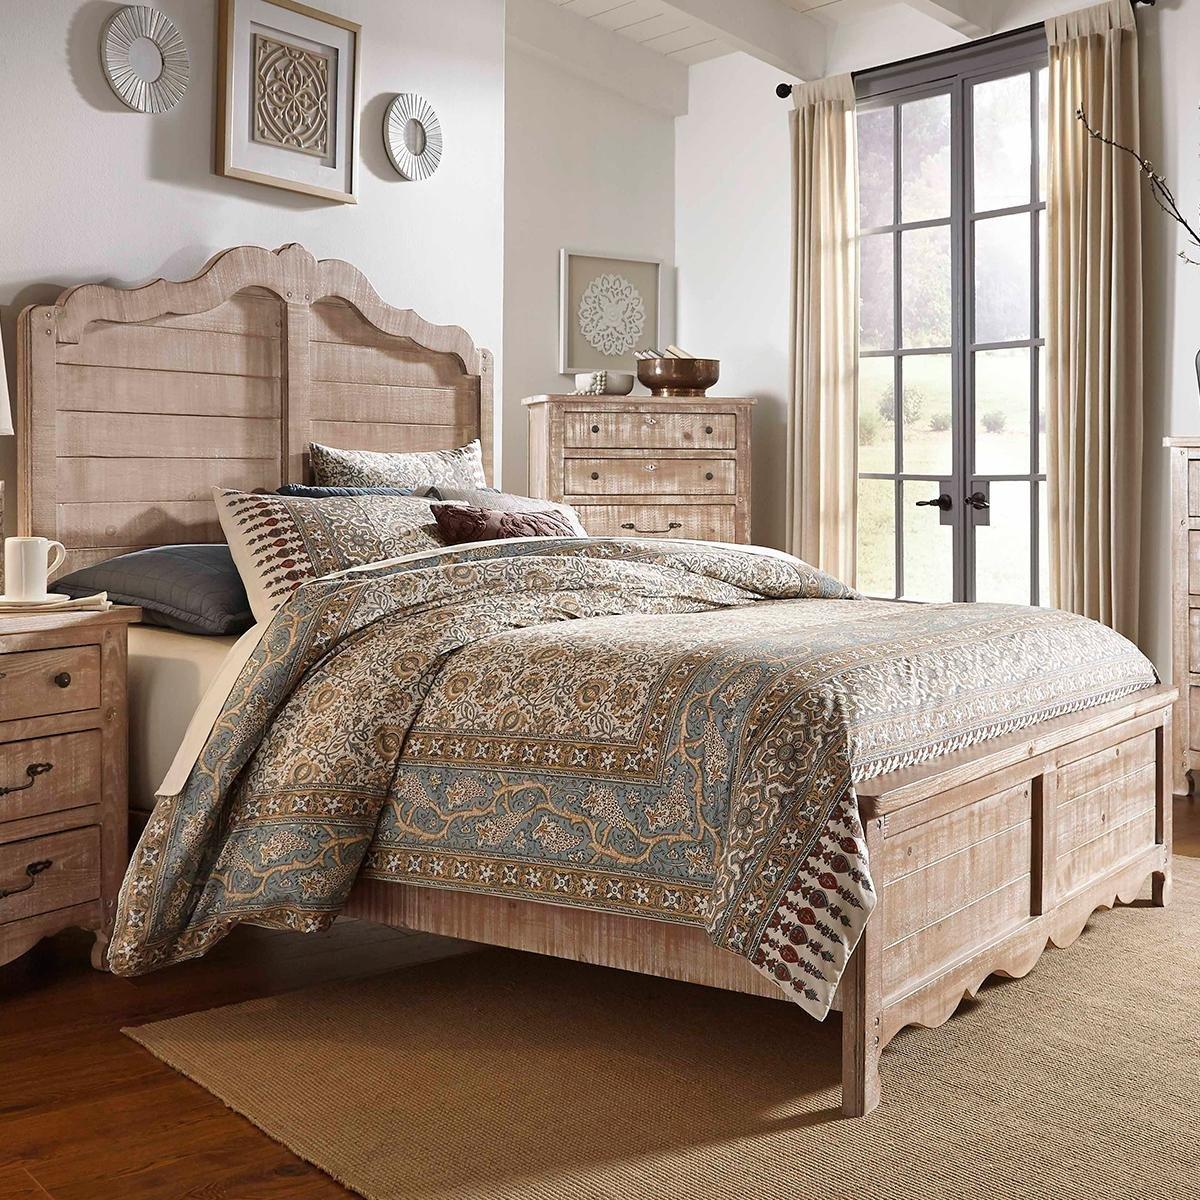 Nebraska Furniture Mart Bedroom Set Unique Tiddal Home Chatsworth King Panel Bed In Chalk Distressed